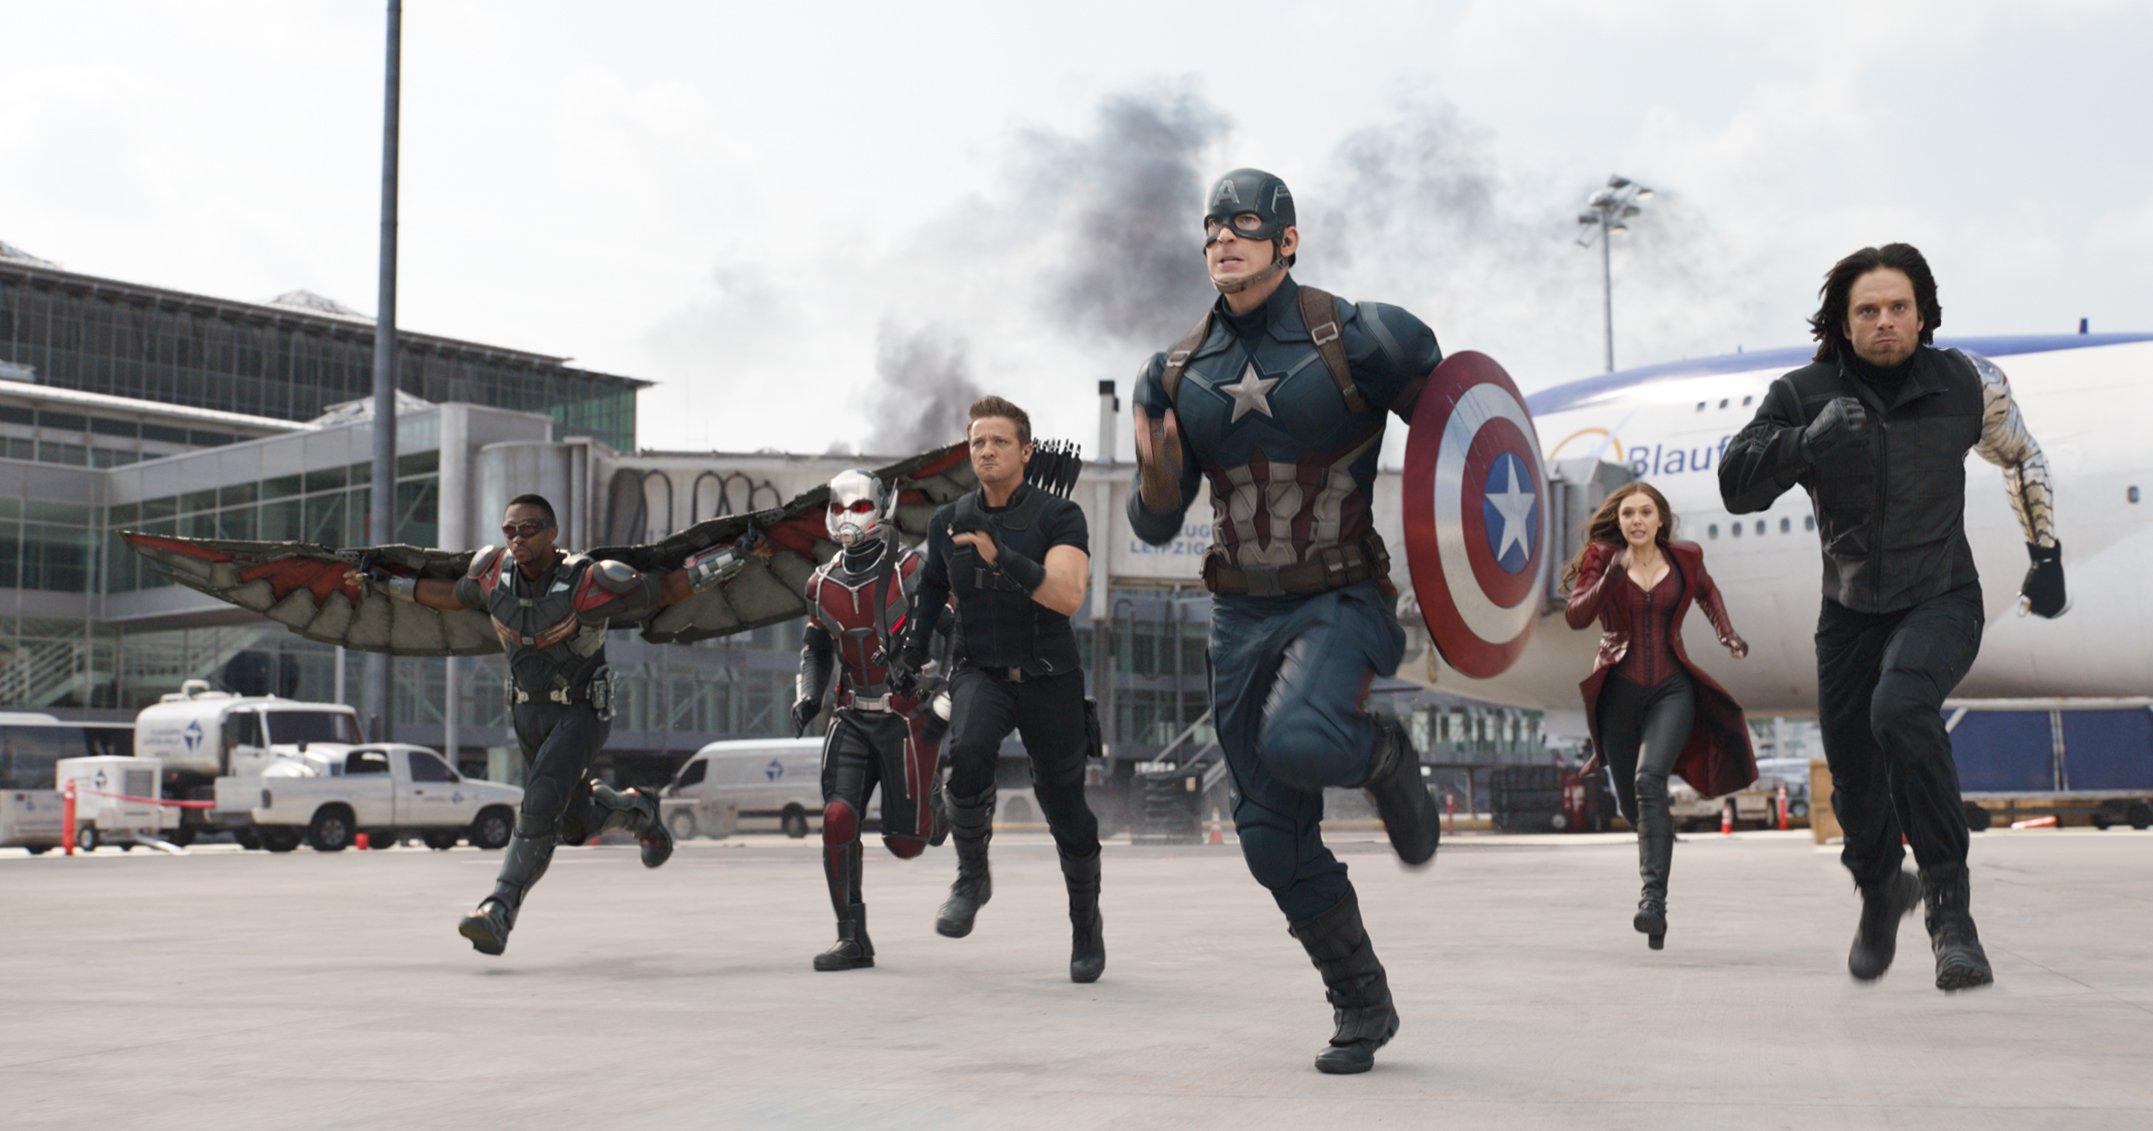 первый мститель противостояние кадры Captain America Civil War stills